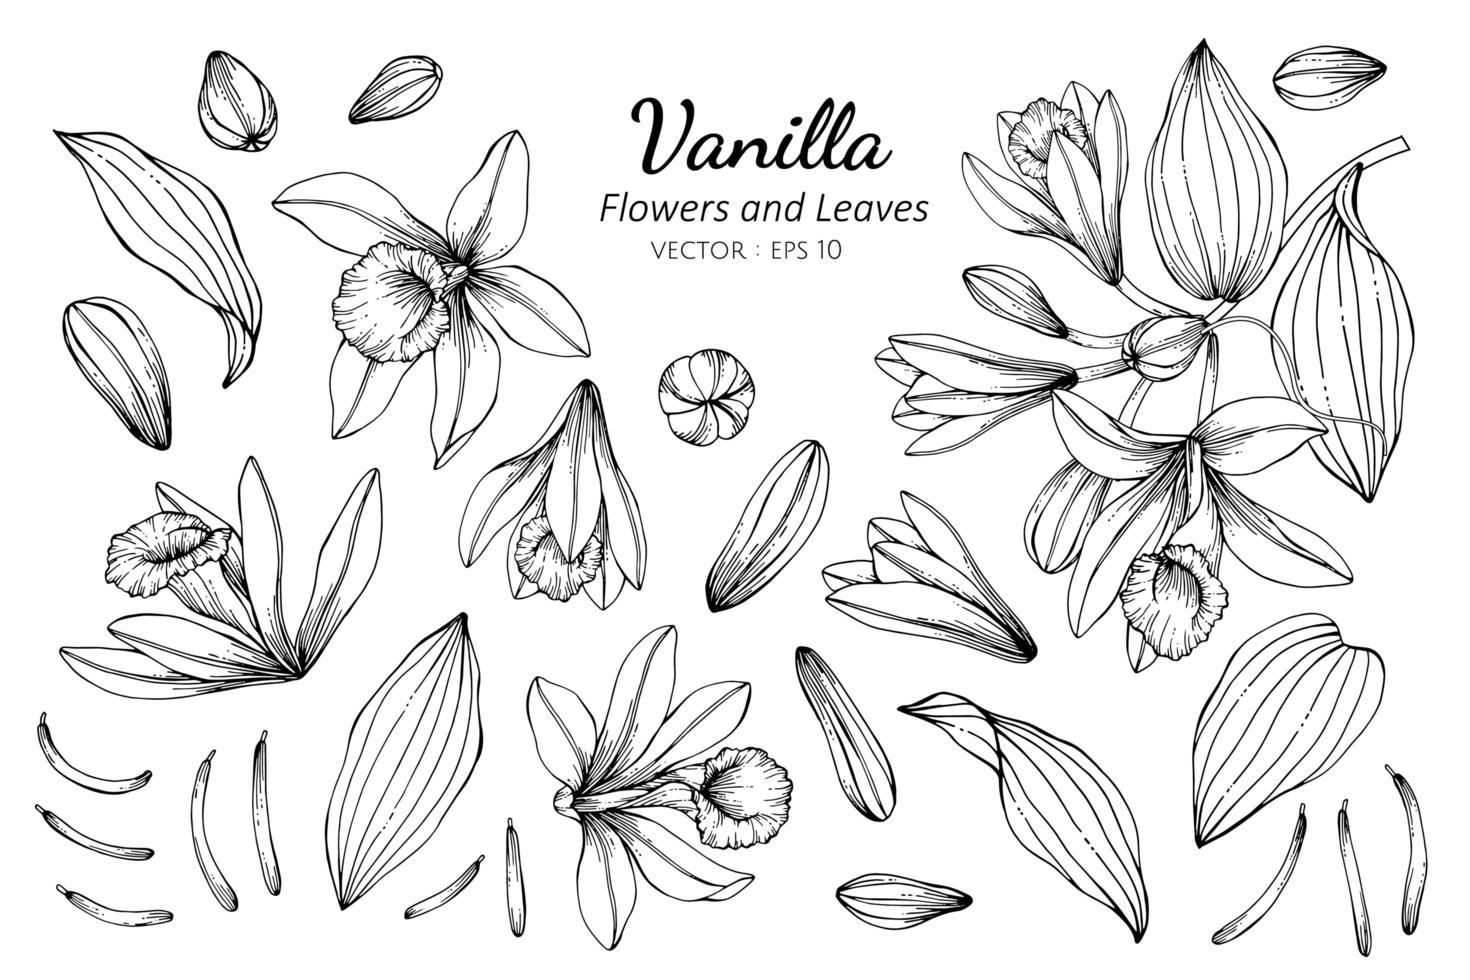 raccolta di fiori e foglie di vaniglia vettore